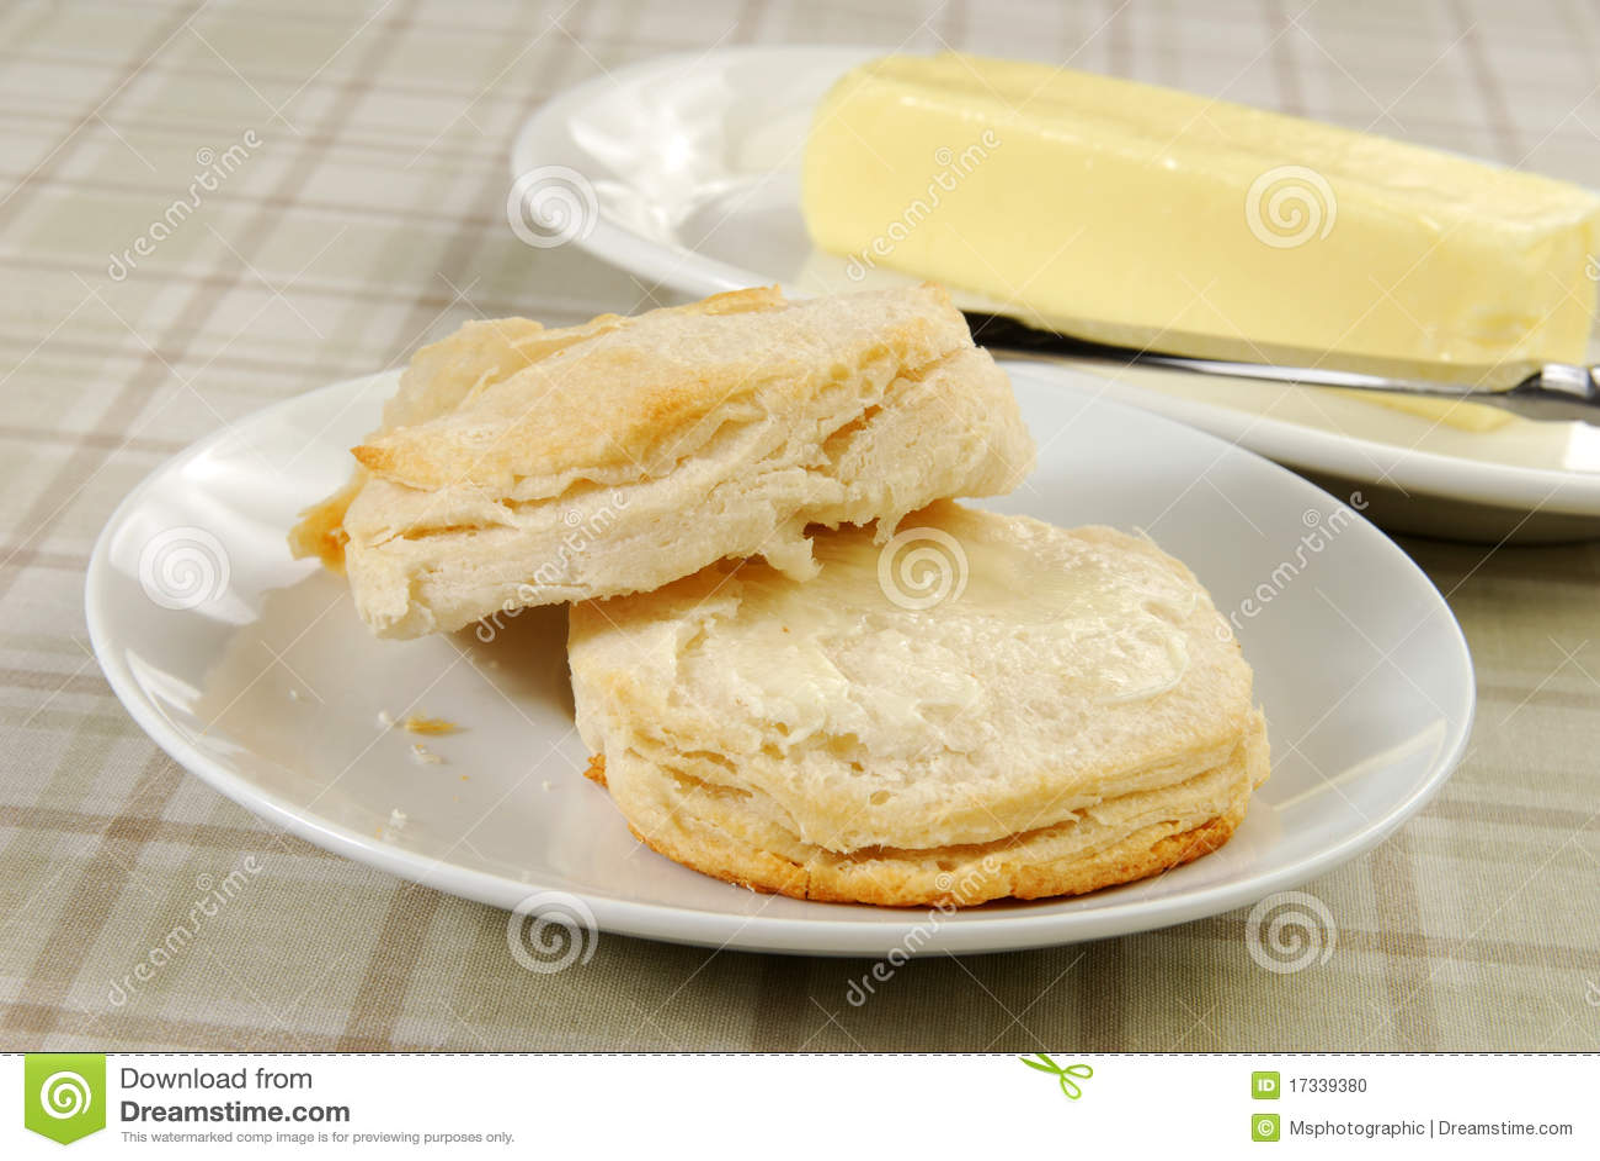 Beboterd koekje